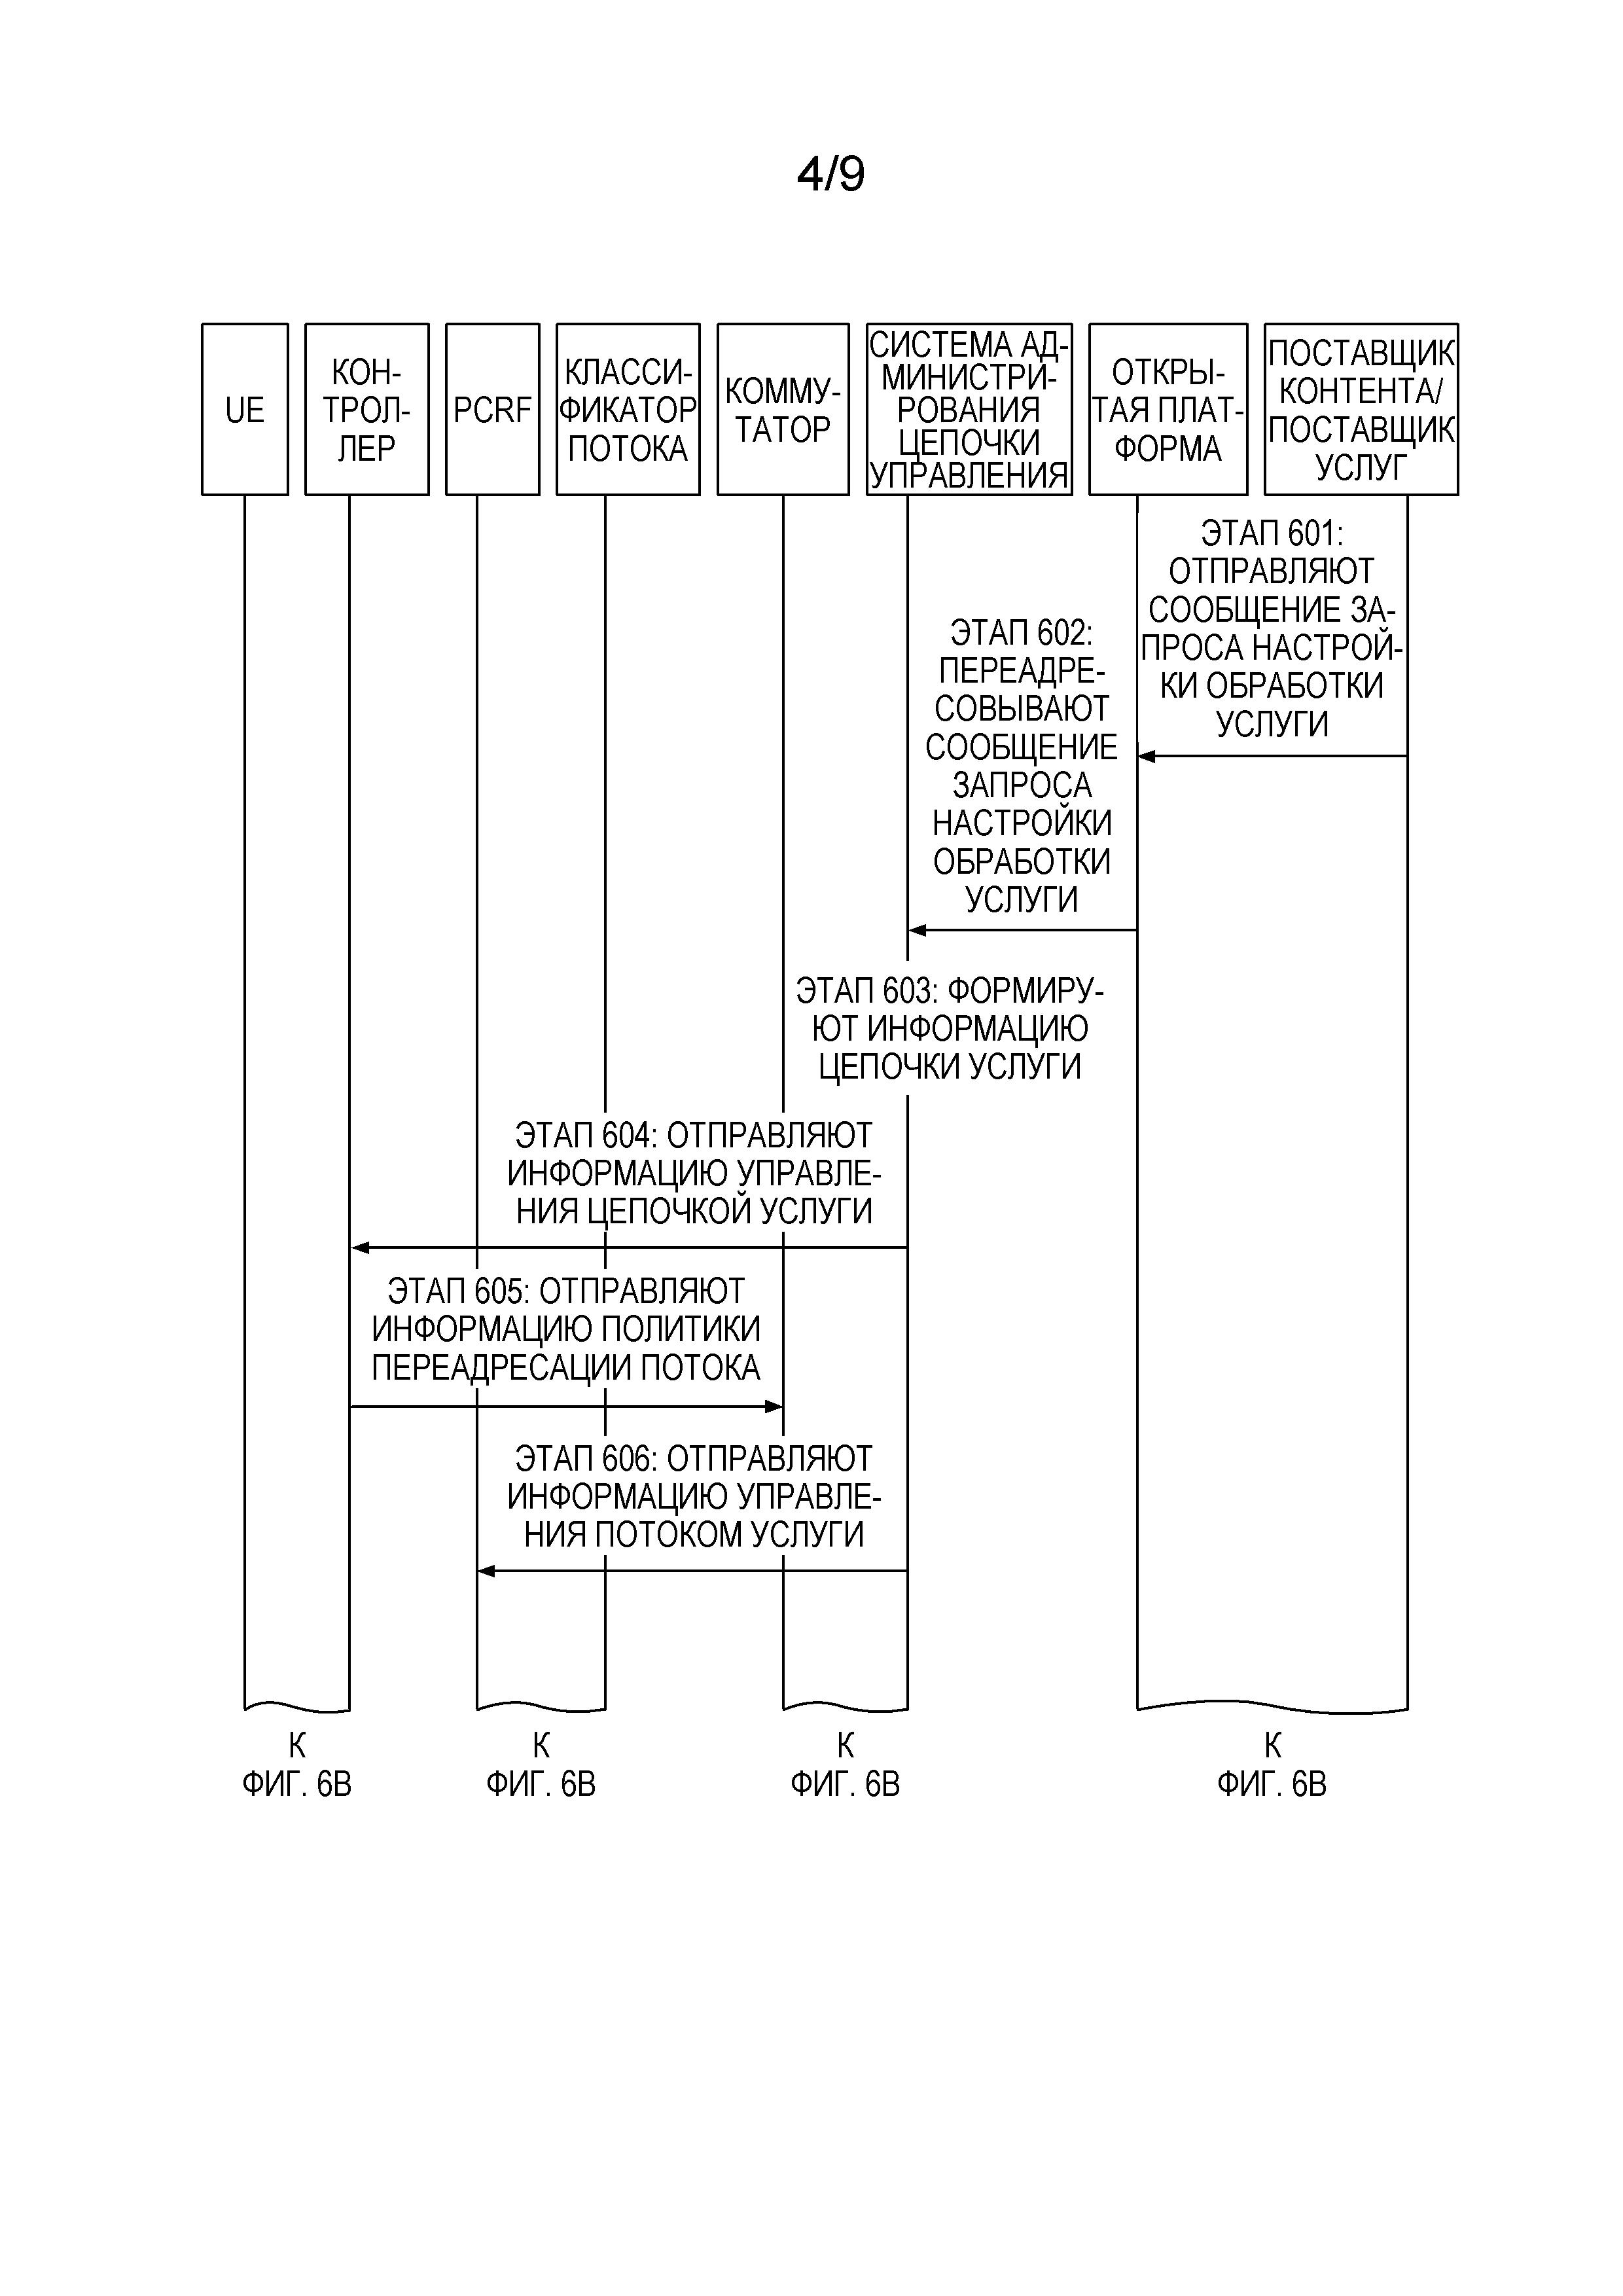 Способ и устройство для управления цепочкой услуги потока услуги